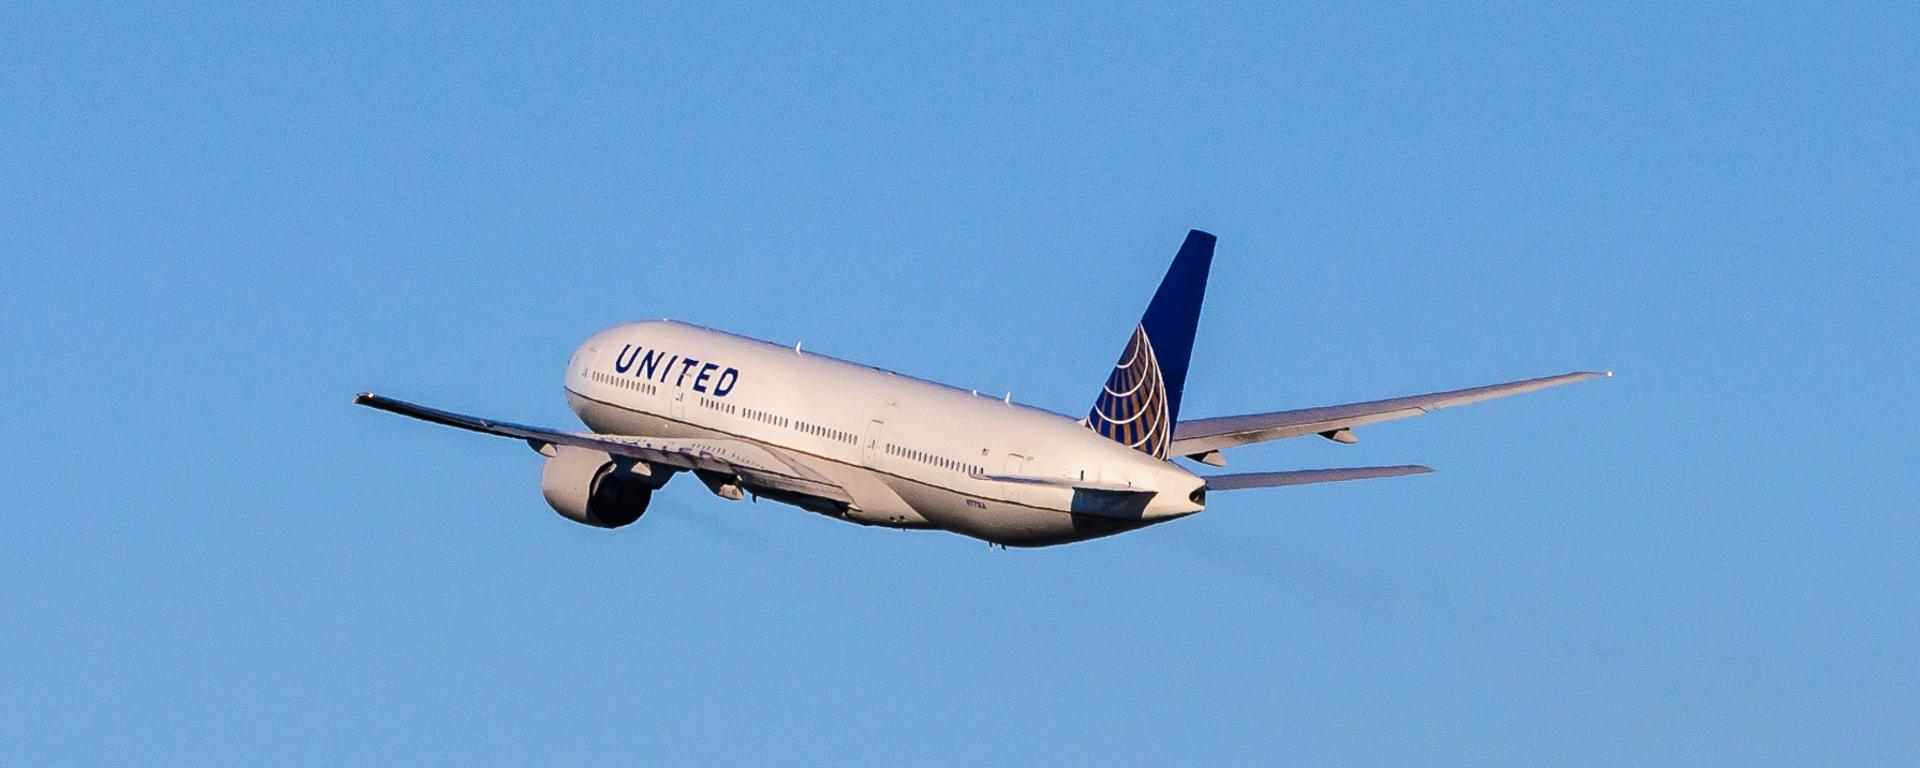 Un Boeing 777 de United Airlines - Sputnik Mundo, 1920, 22.02.2021